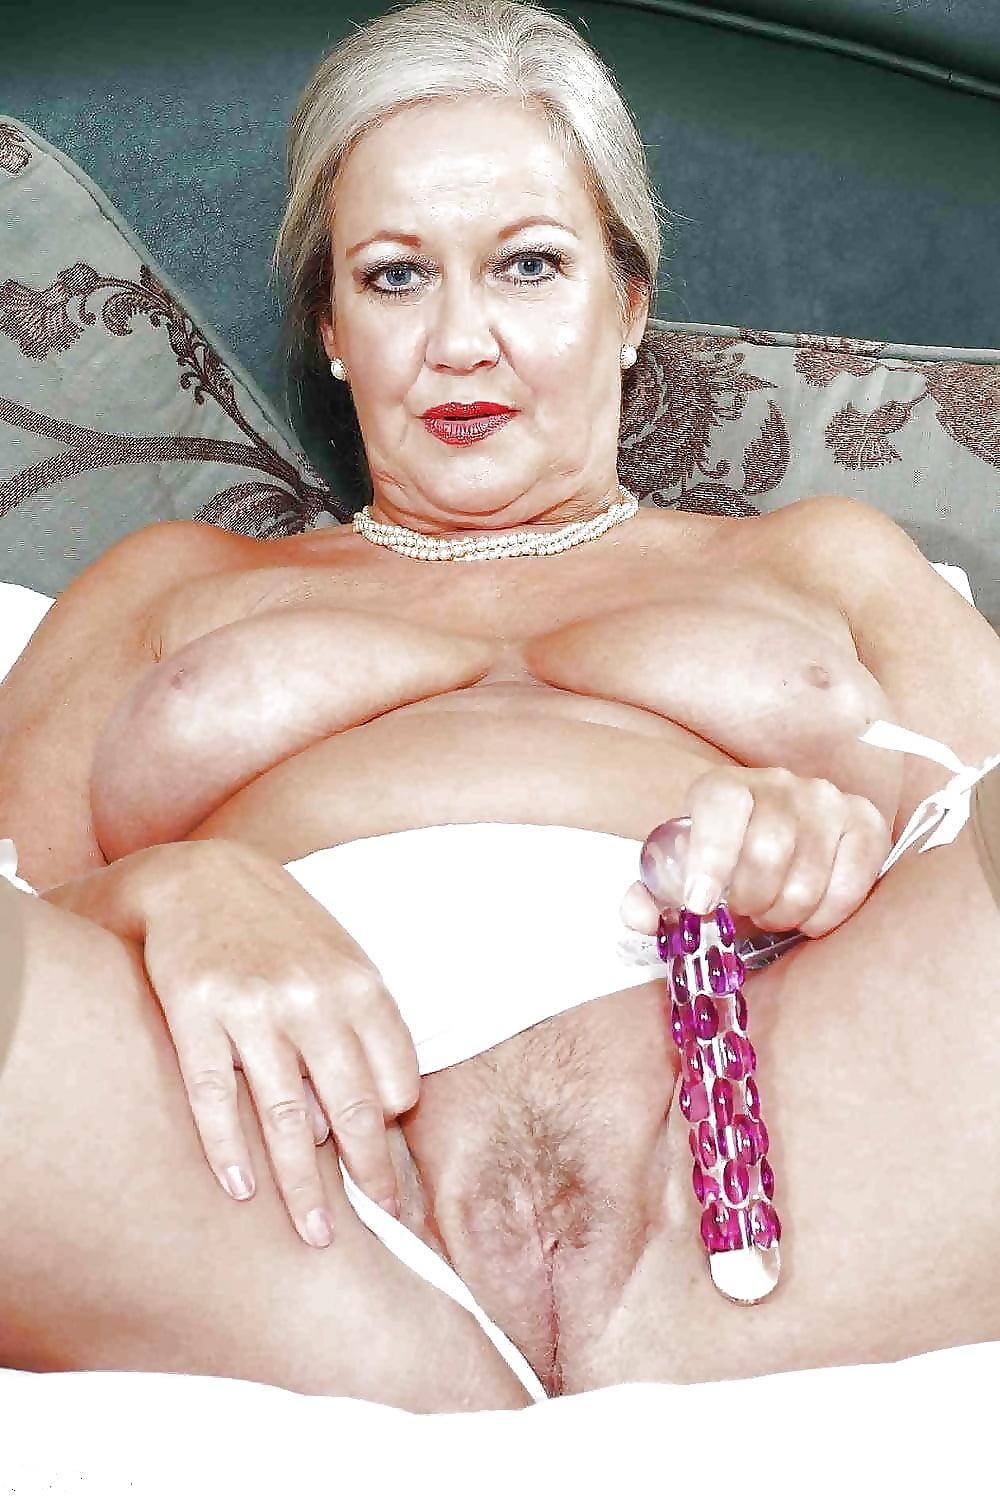 Nude mature sex photos-7835